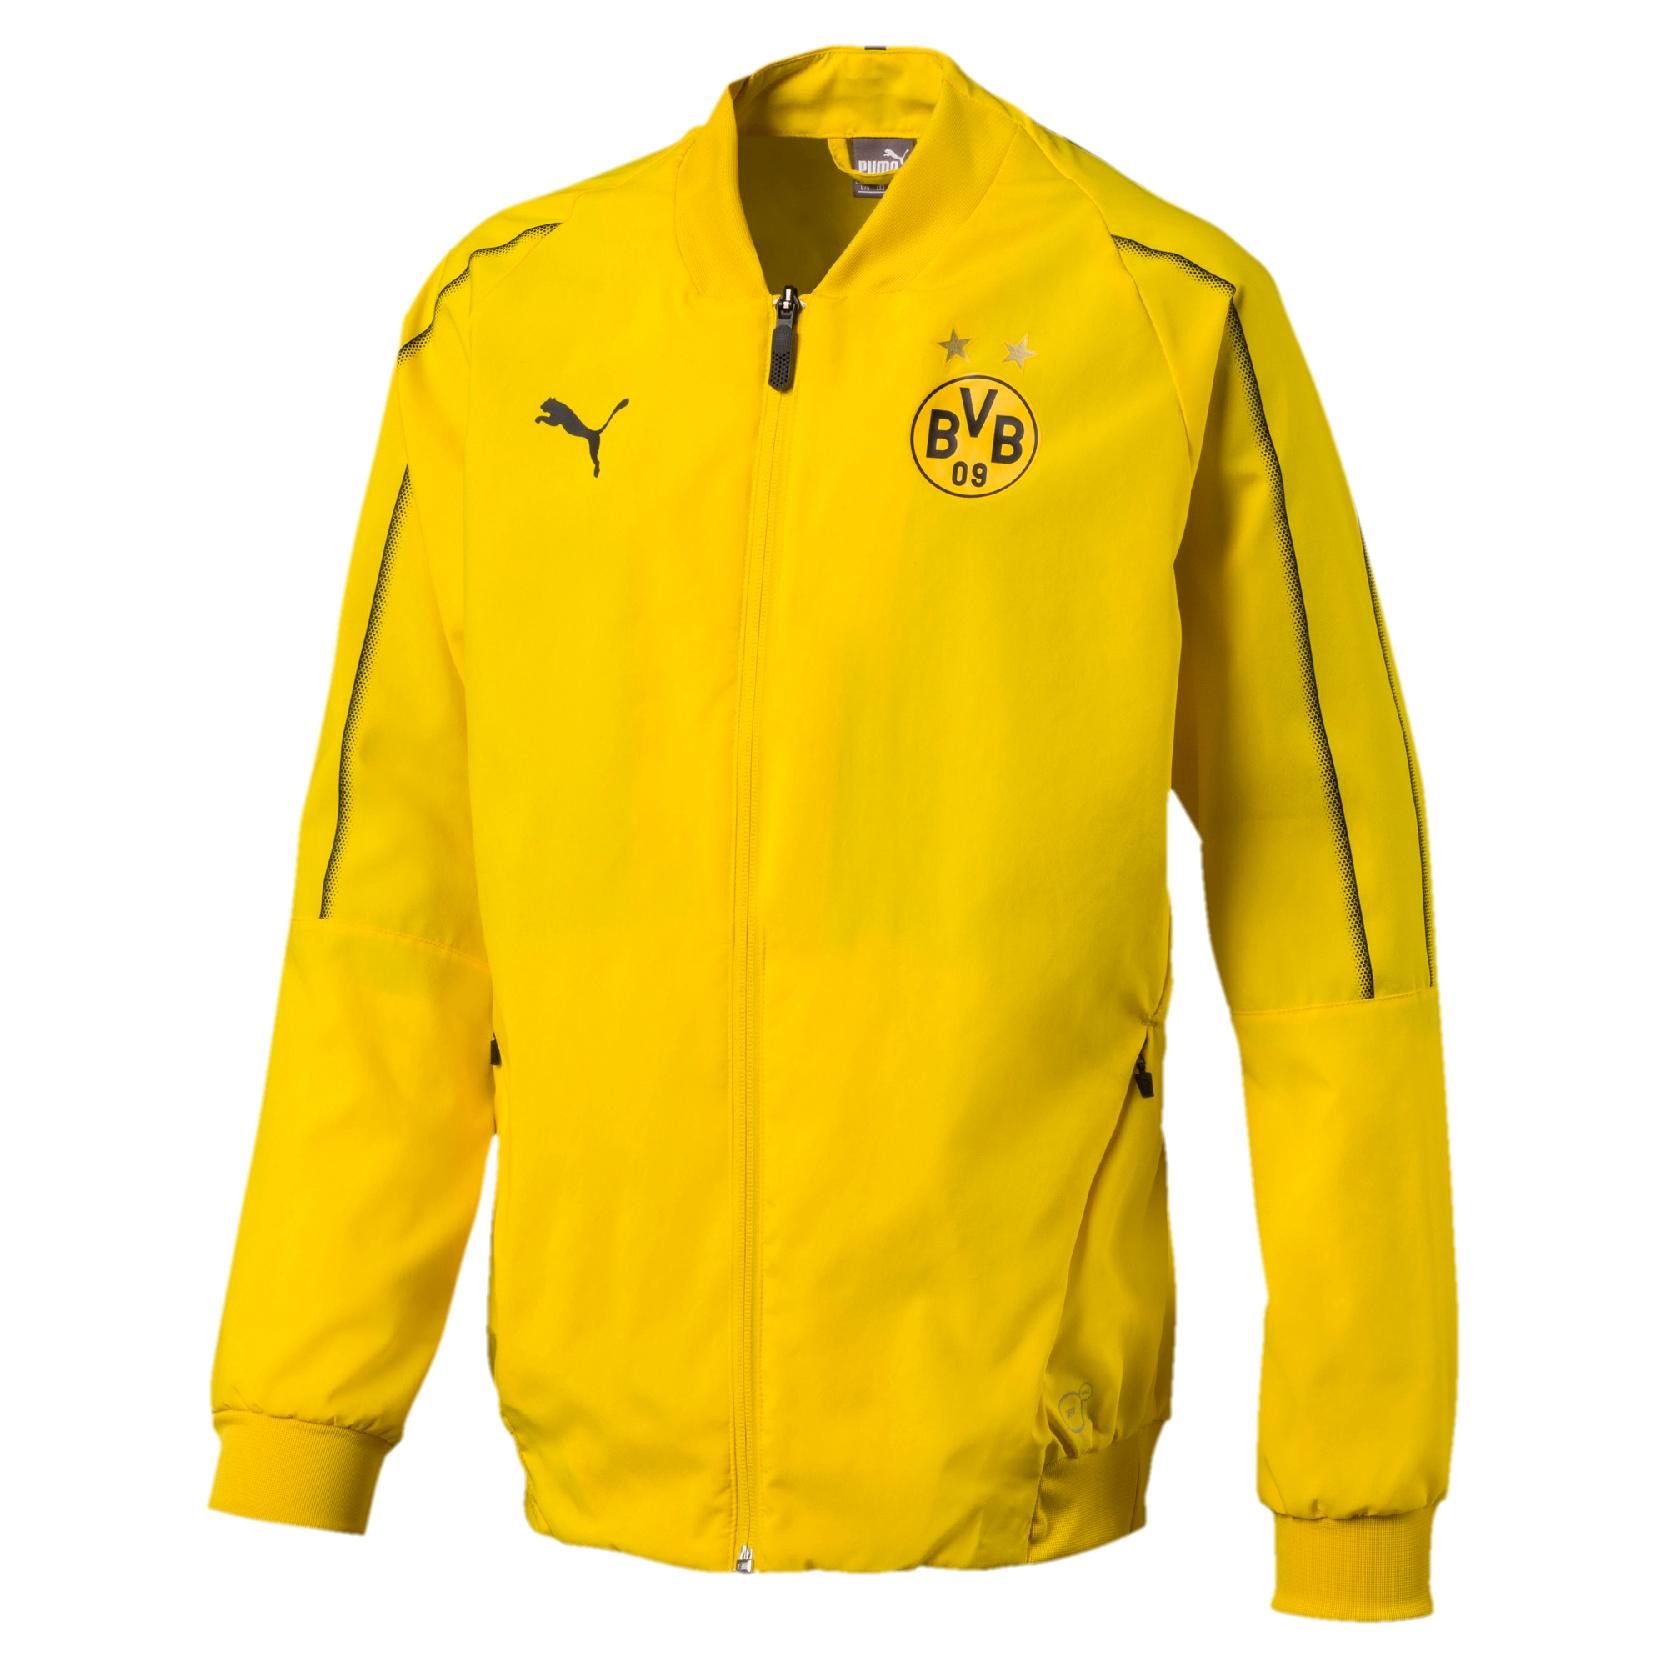 Puma BVB Borussia Dortmund Kinder Leisure Jacket Freizeitjacke 753728 01 gelb | Sportschnäppchen